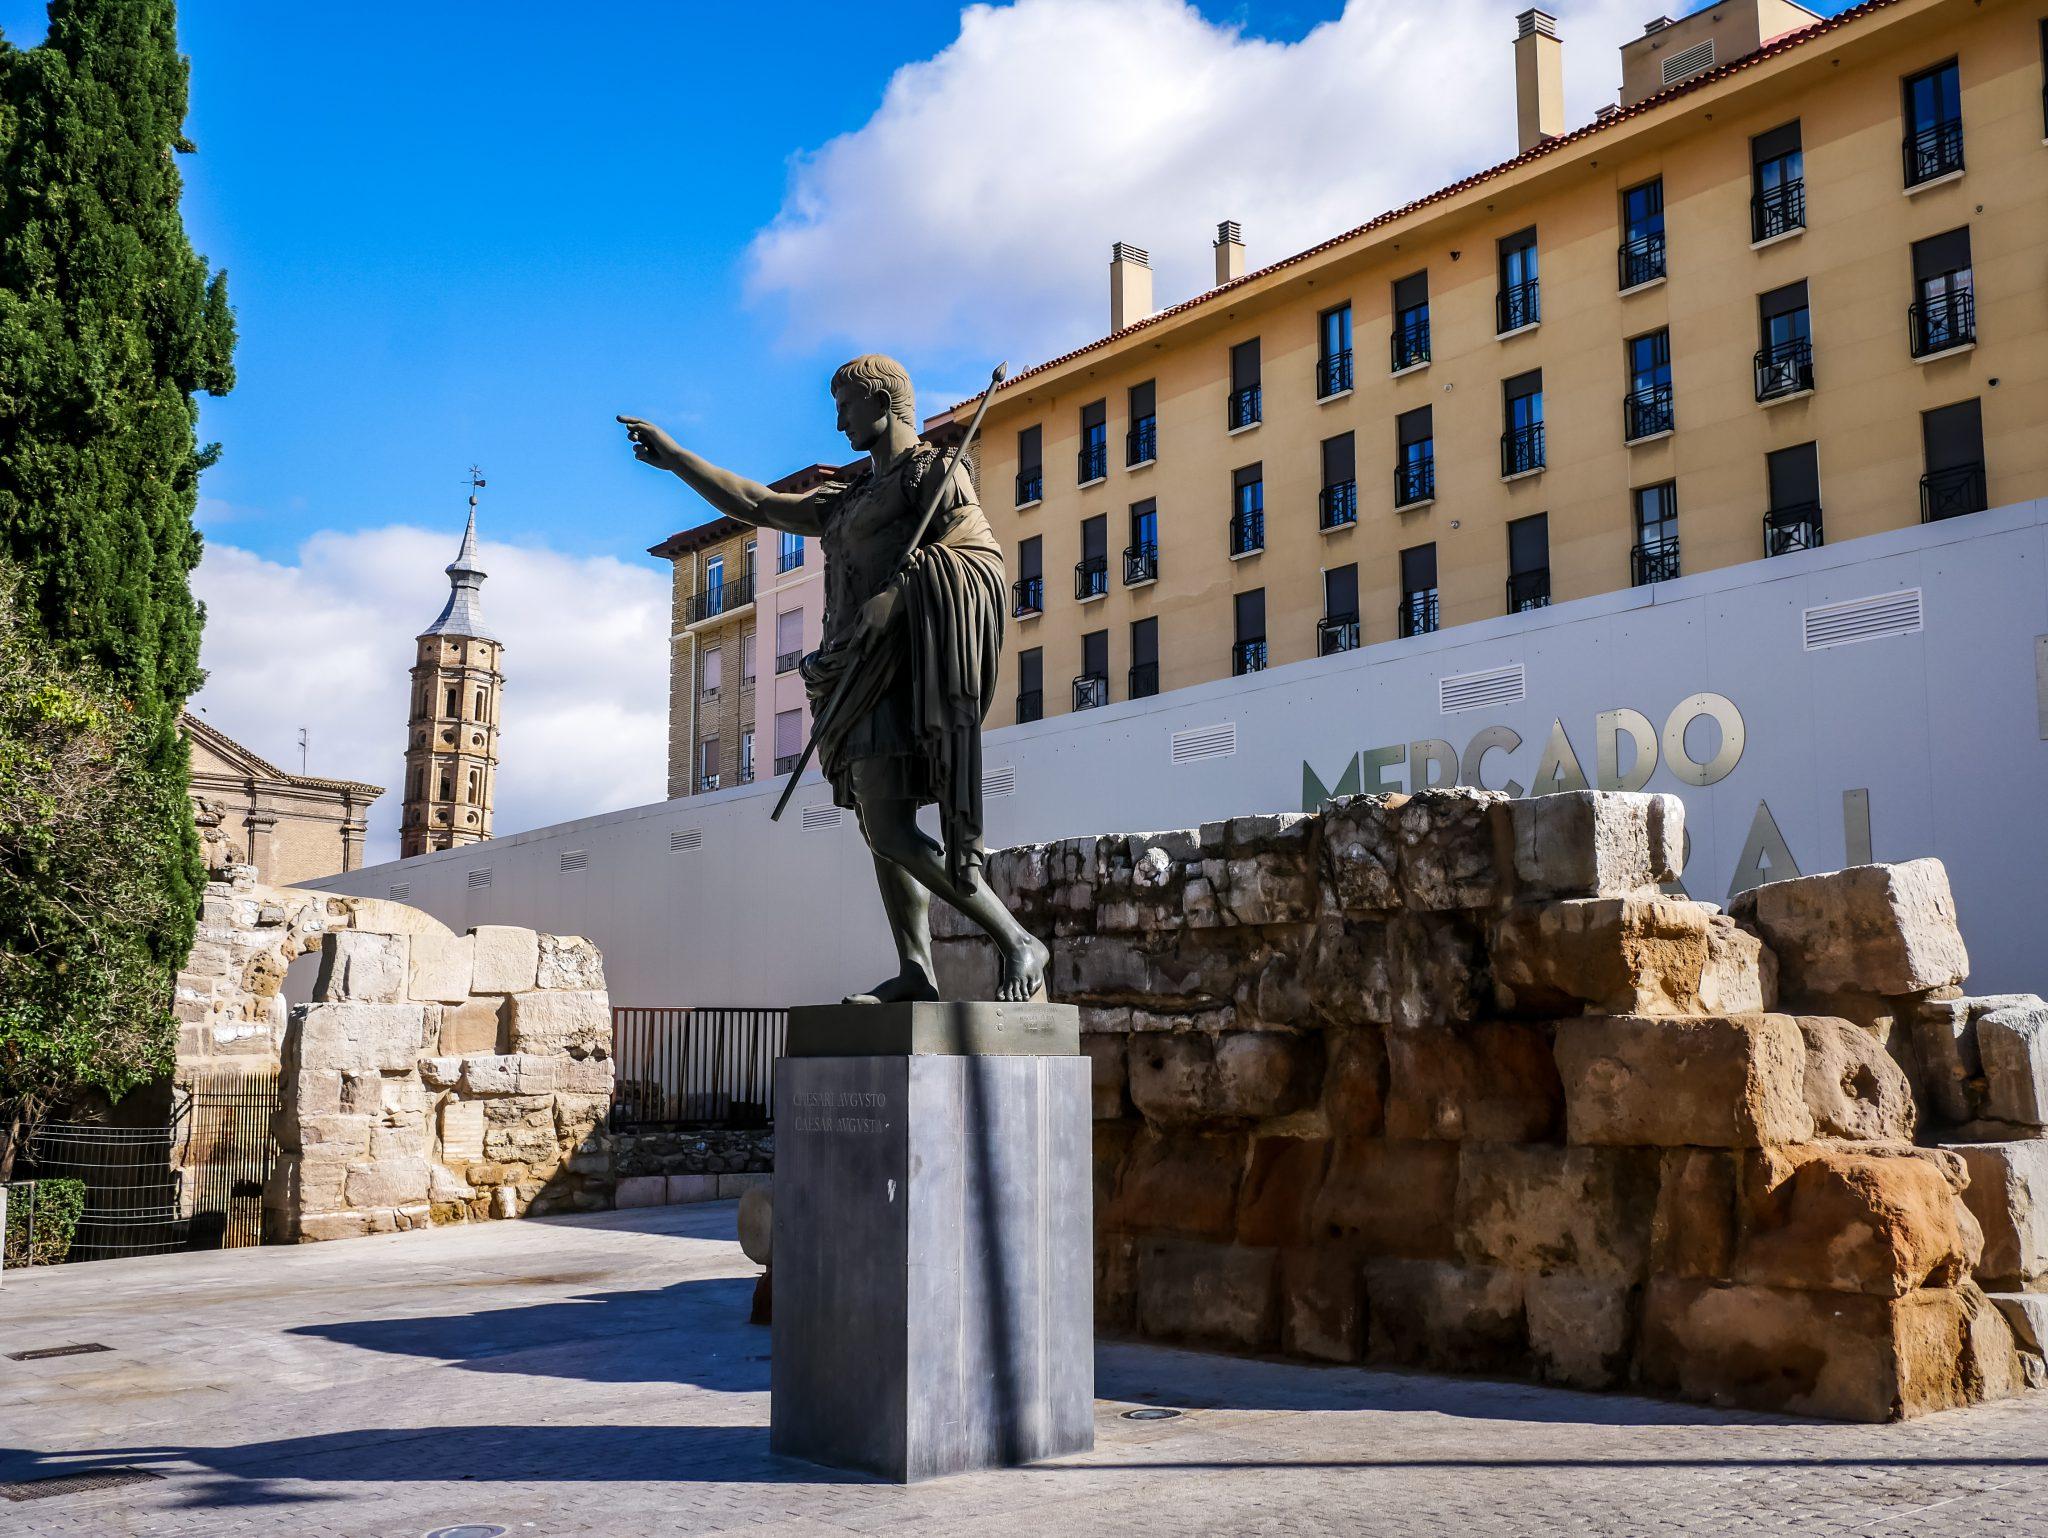 Die Römer haben ihre Spuren in Saragossa hinterlassen, welche früher Caesaraugusta hieß.